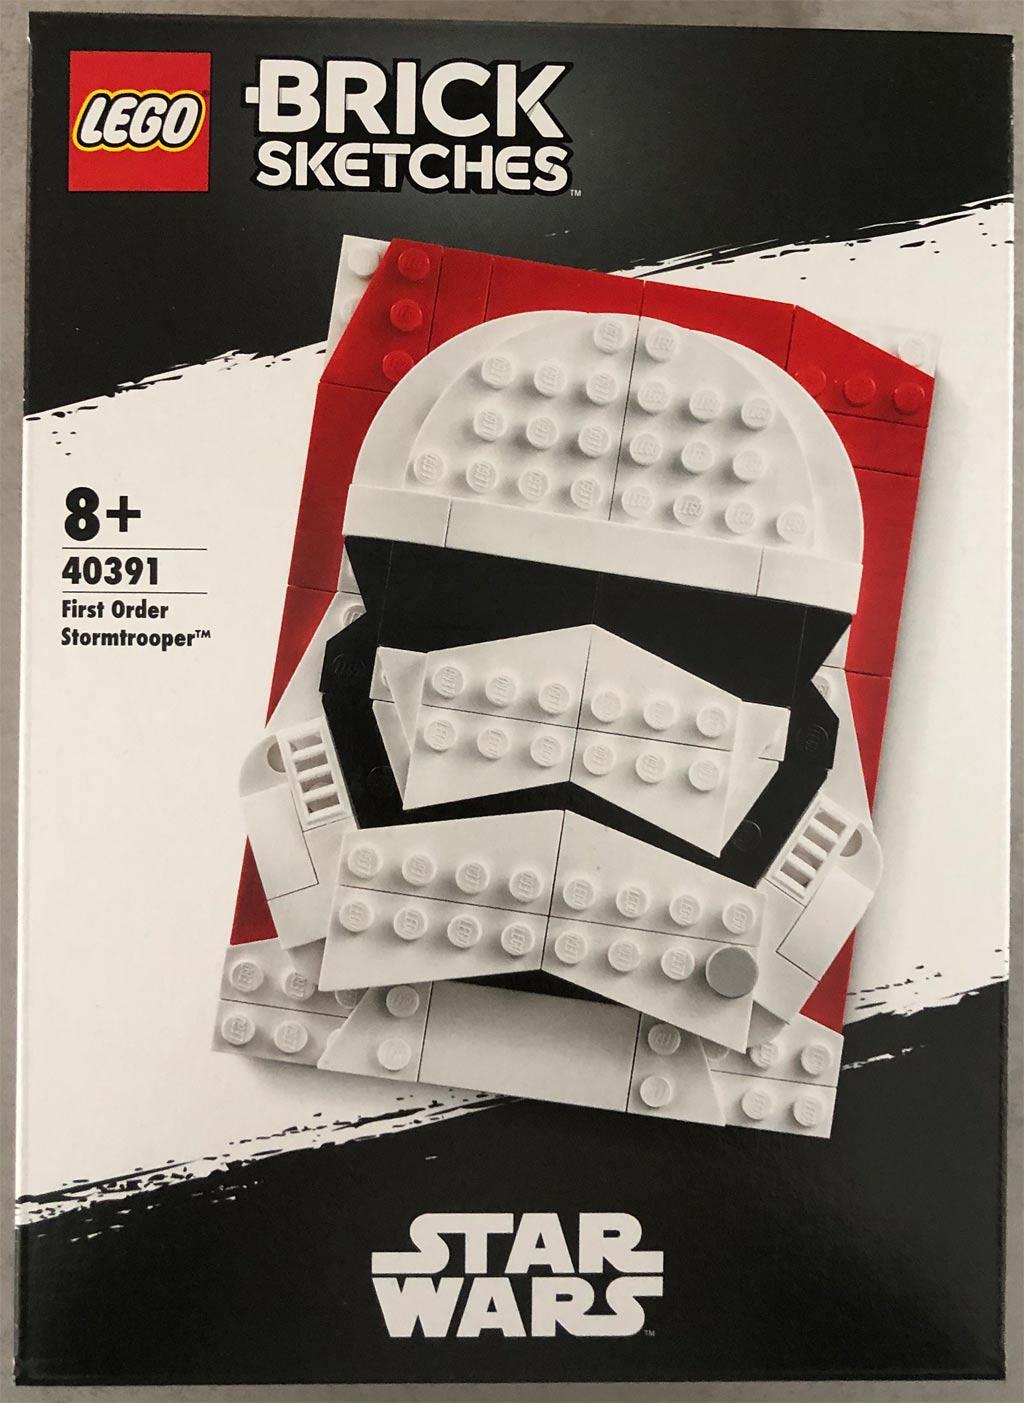 lego-brick-sketches-40391-first-order-stormtrooper-2020-zusammengebaut-michael-kopp zusammengebaut.com